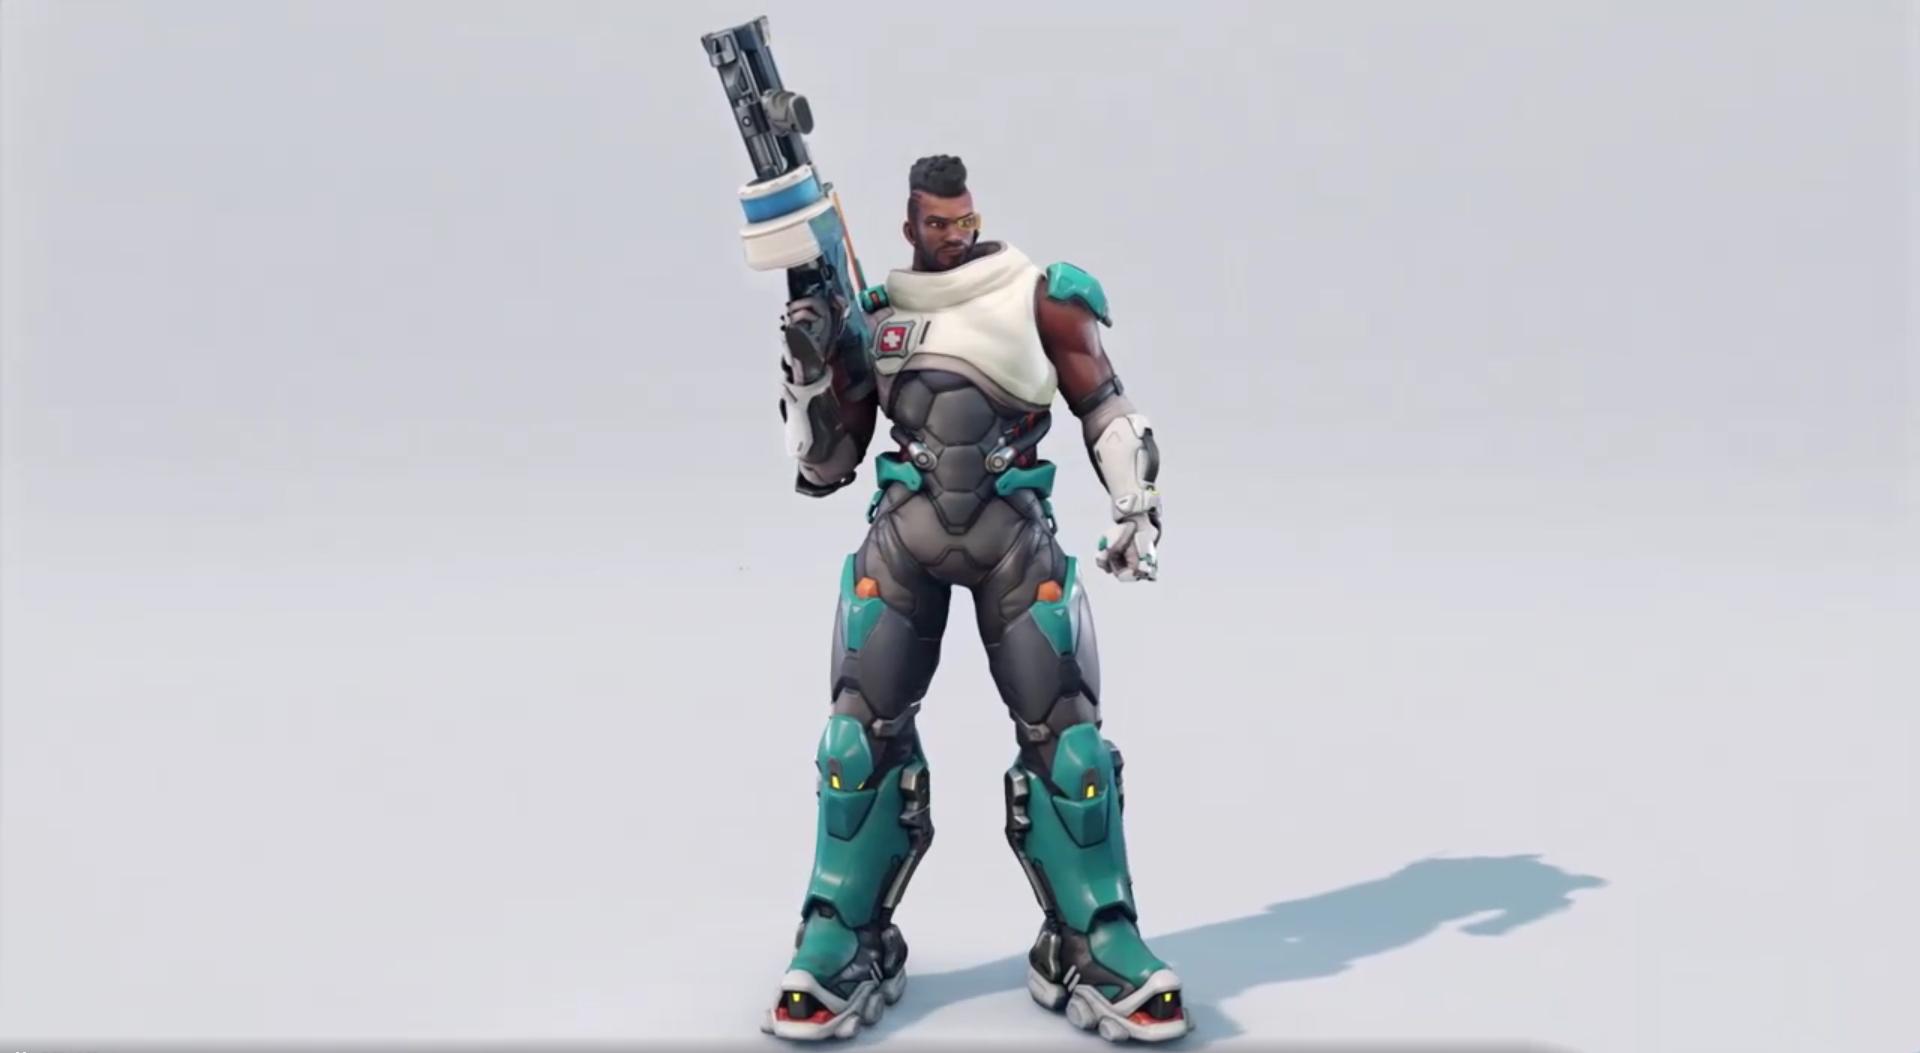 Baptiste dans Overwatch 2